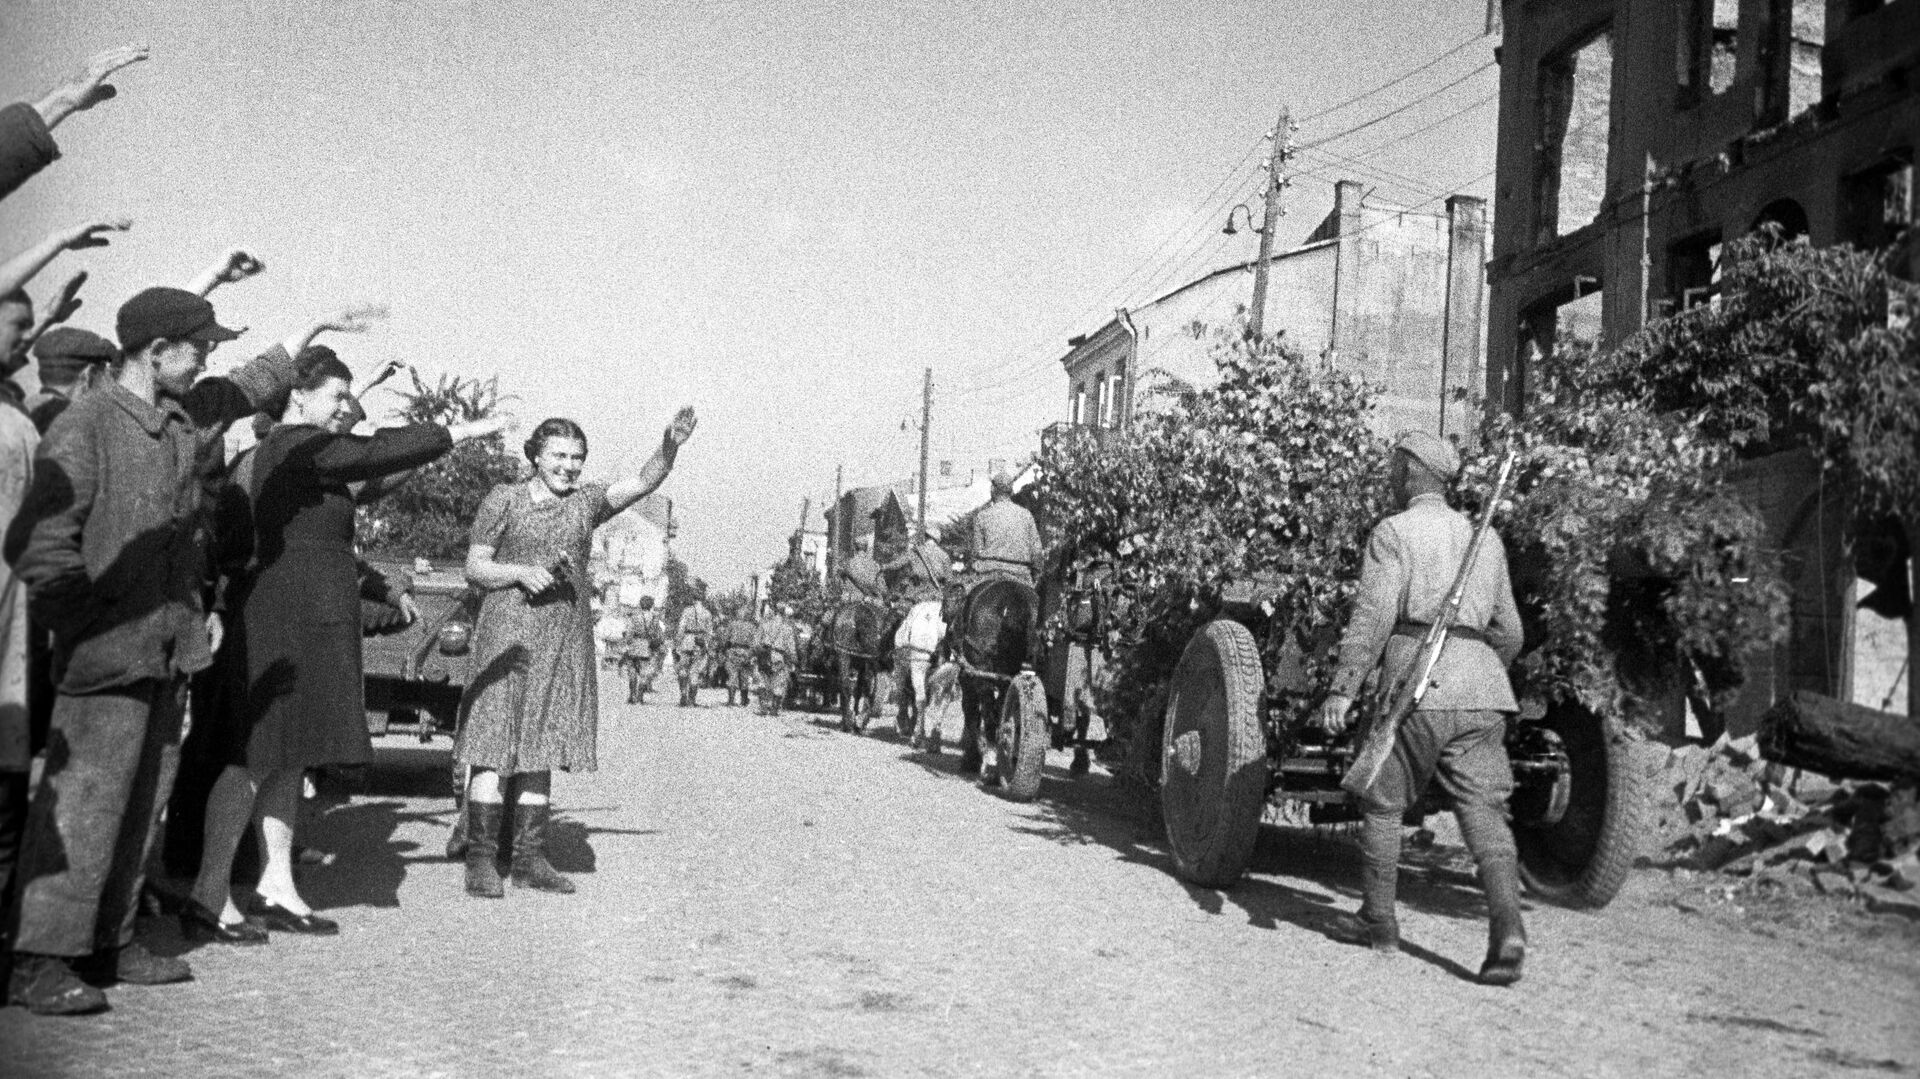 Освобождение Польши от немецко-фашистской оккупации. Жители города Белосток приветствуют советских воинов-освободителей. 1944 год  - РИА Новости, 1920, 07.05.2021